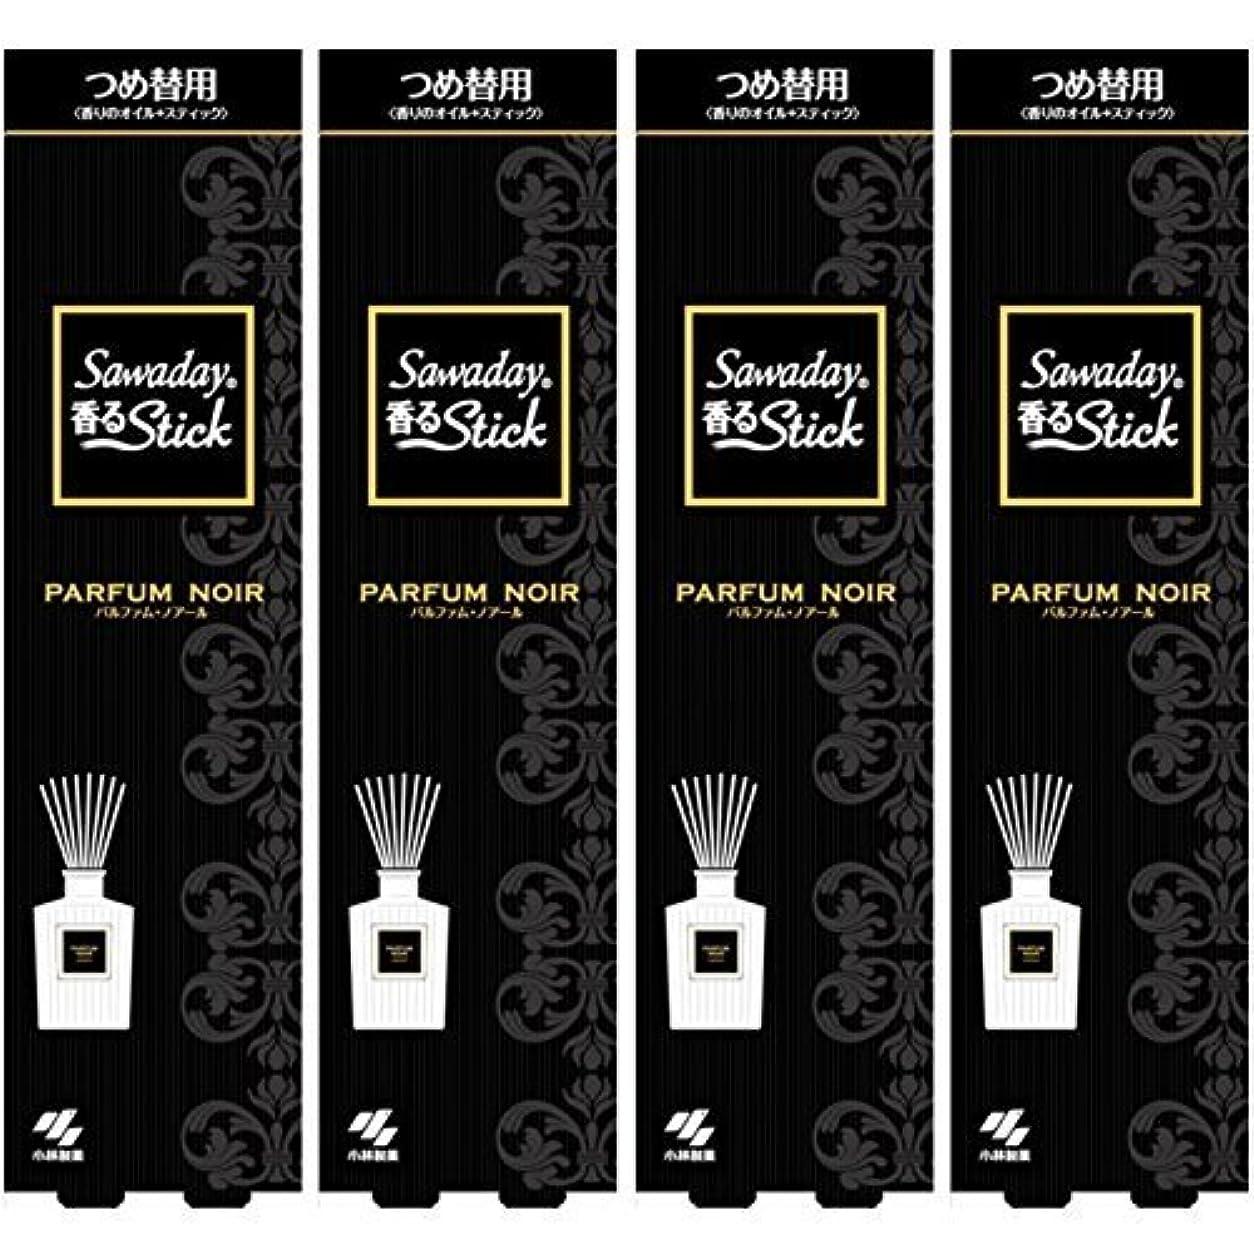 不完全くま狂った【セット品】サワデー香るスティック 消臭芳香剤 詰め替え用 パルファムノアール 70ml (4個)